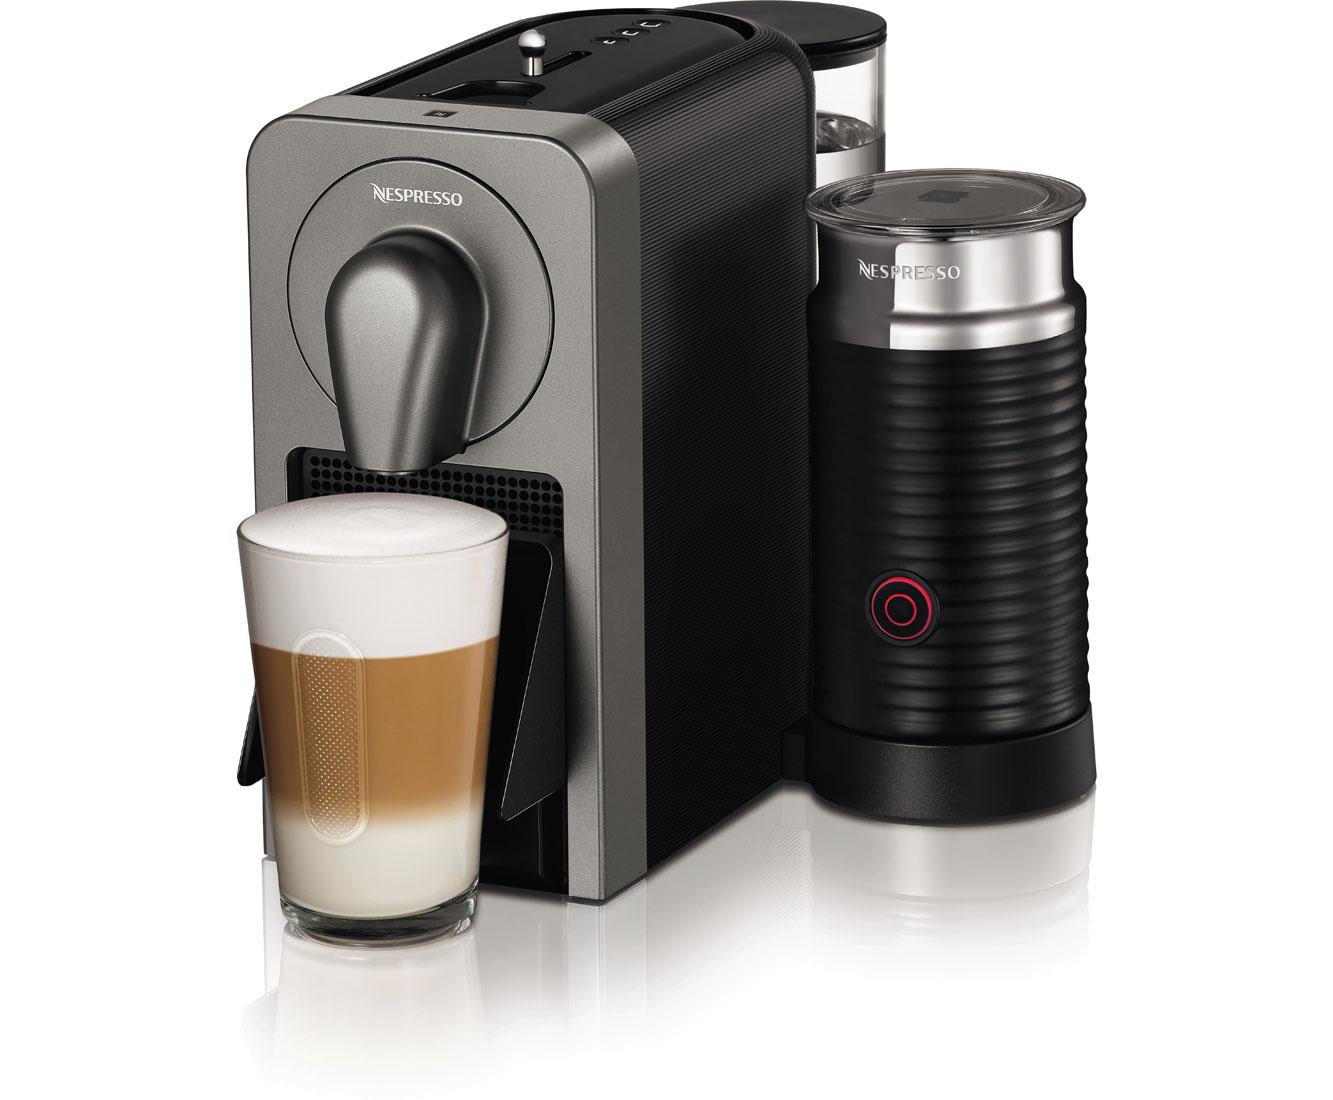 Krups Nespresso Prodigio & Milk XN411T Kaffeemaschinen - Titan | Küche und Esszimmer > Kaffee und Tee > Espressomaschinen | Krups Nespresso